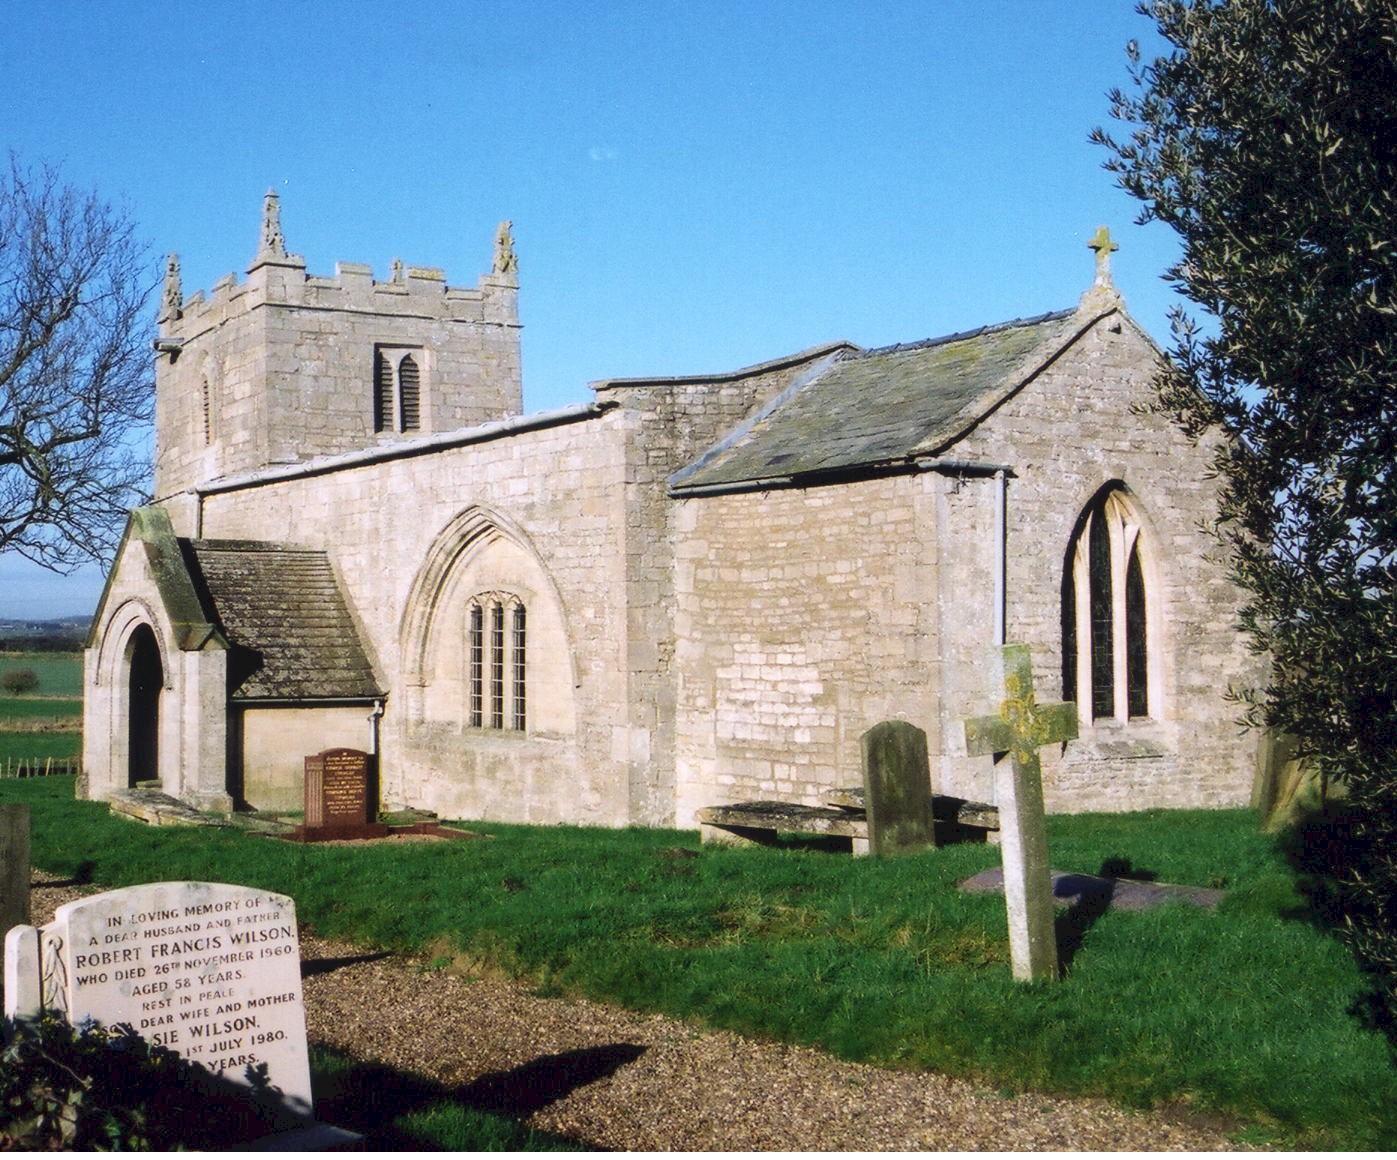 St. St. Mary's Church